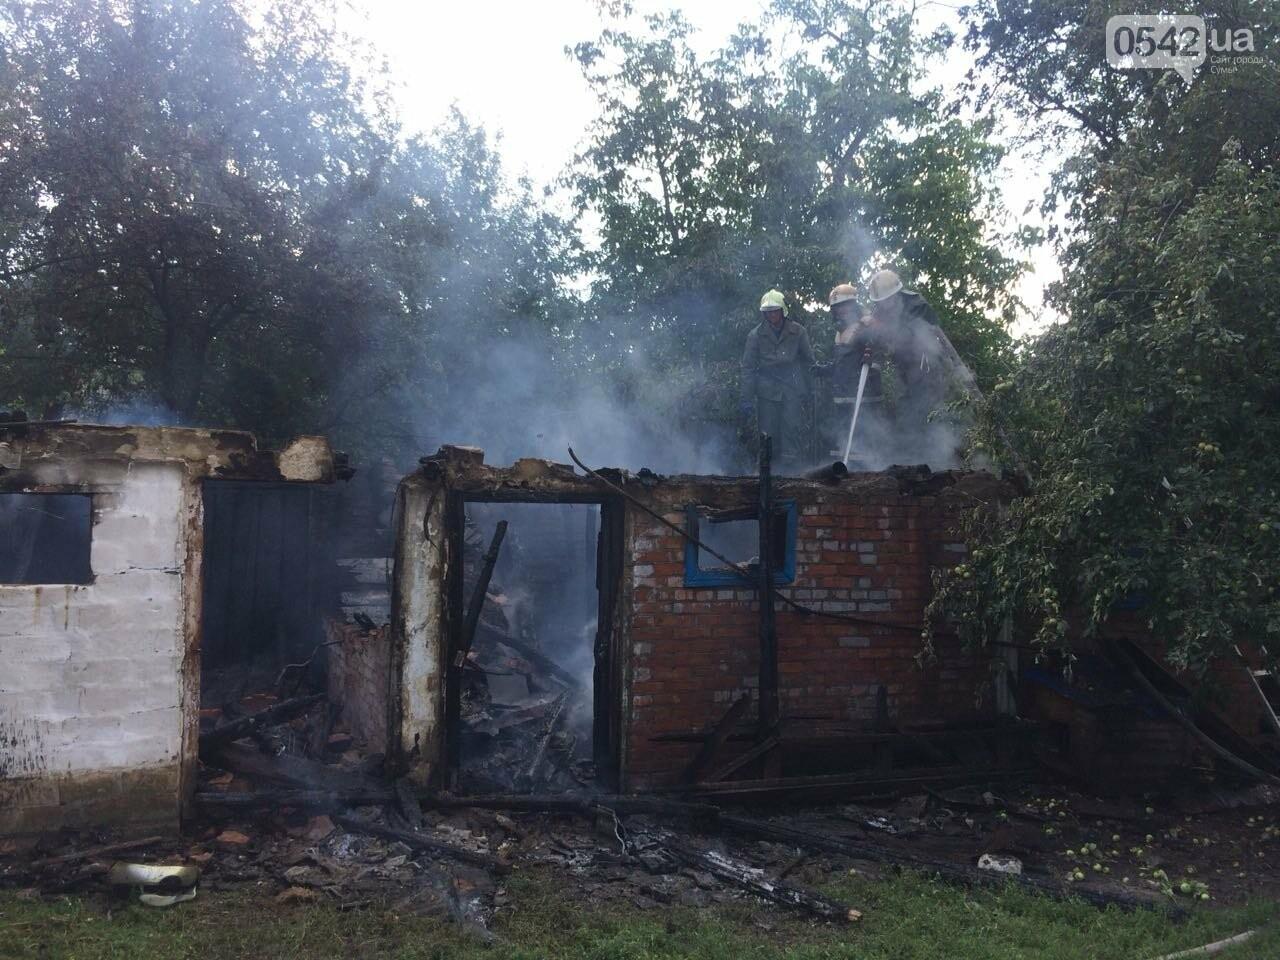 На Сумщине детские шалости с огнем привели к пожару, фото-2